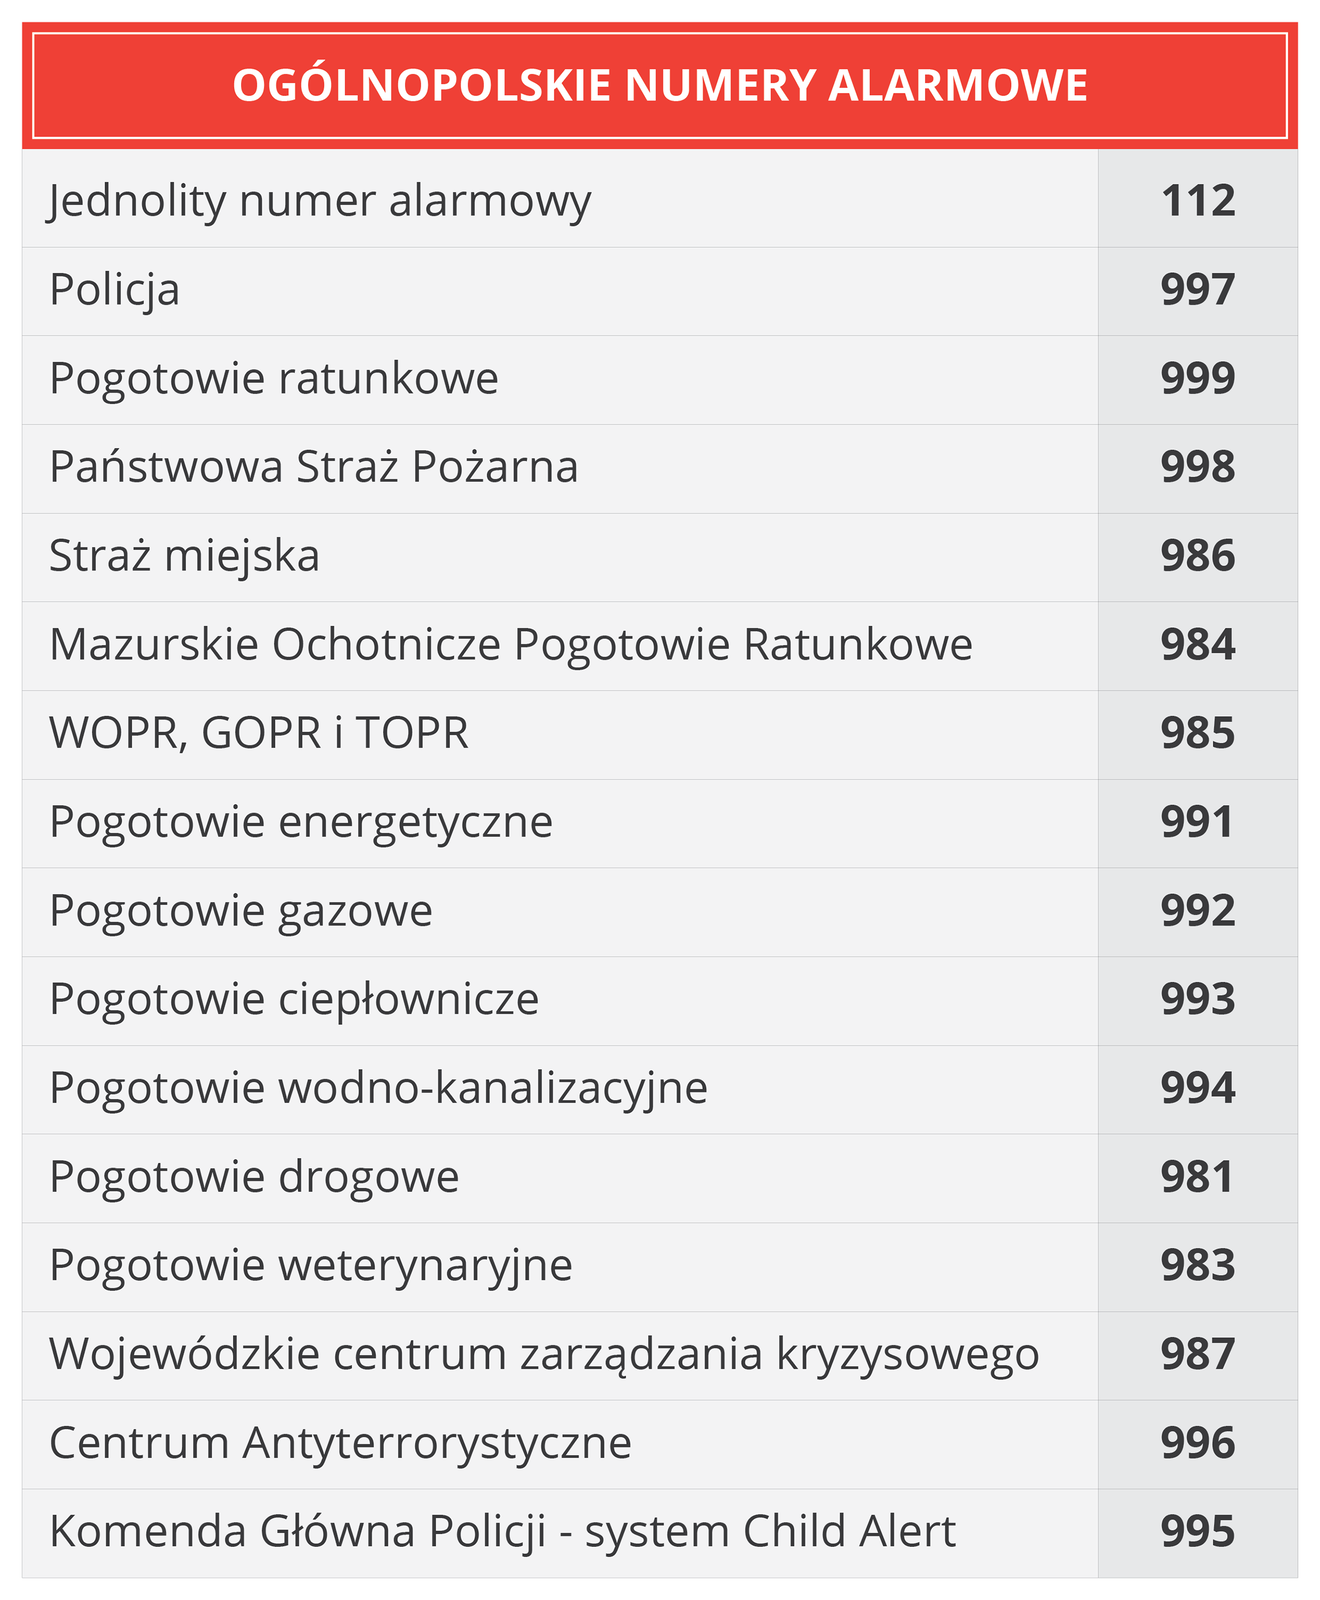 Ogólnopolskie numery alarmowe